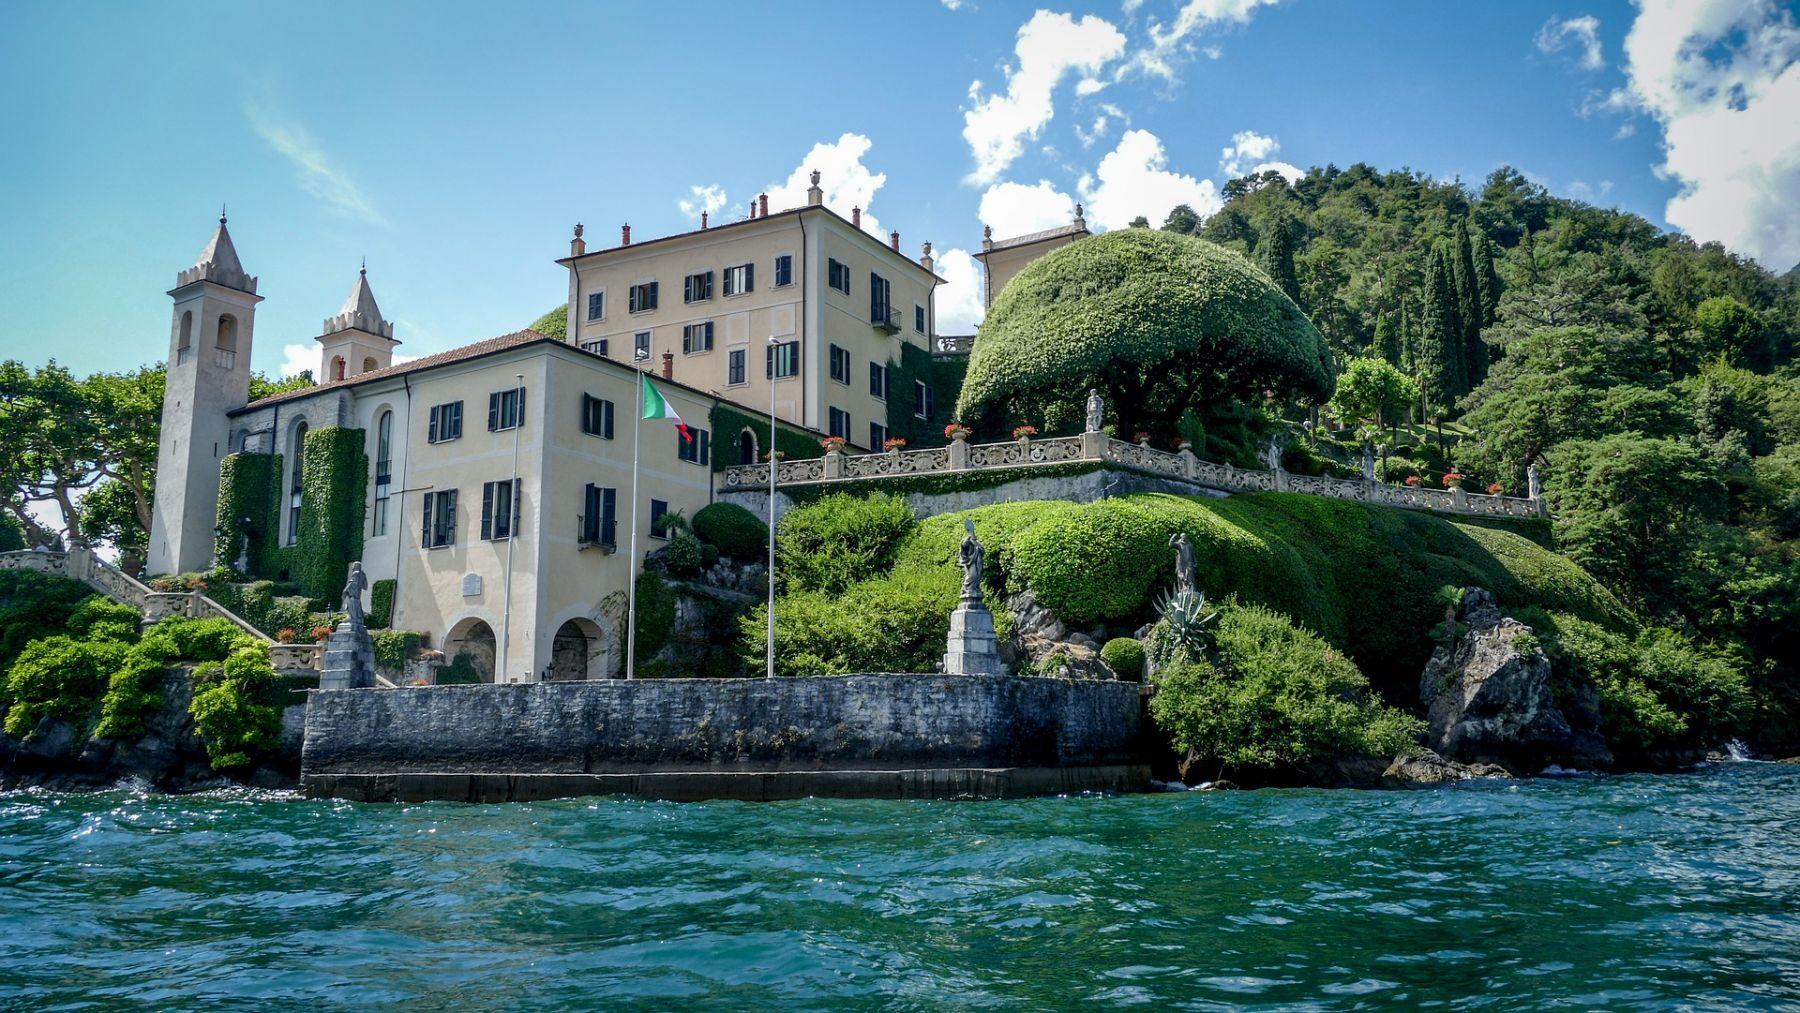 lago-di-como-Villa-Balbianello-location-italiane-star-wars-dooid